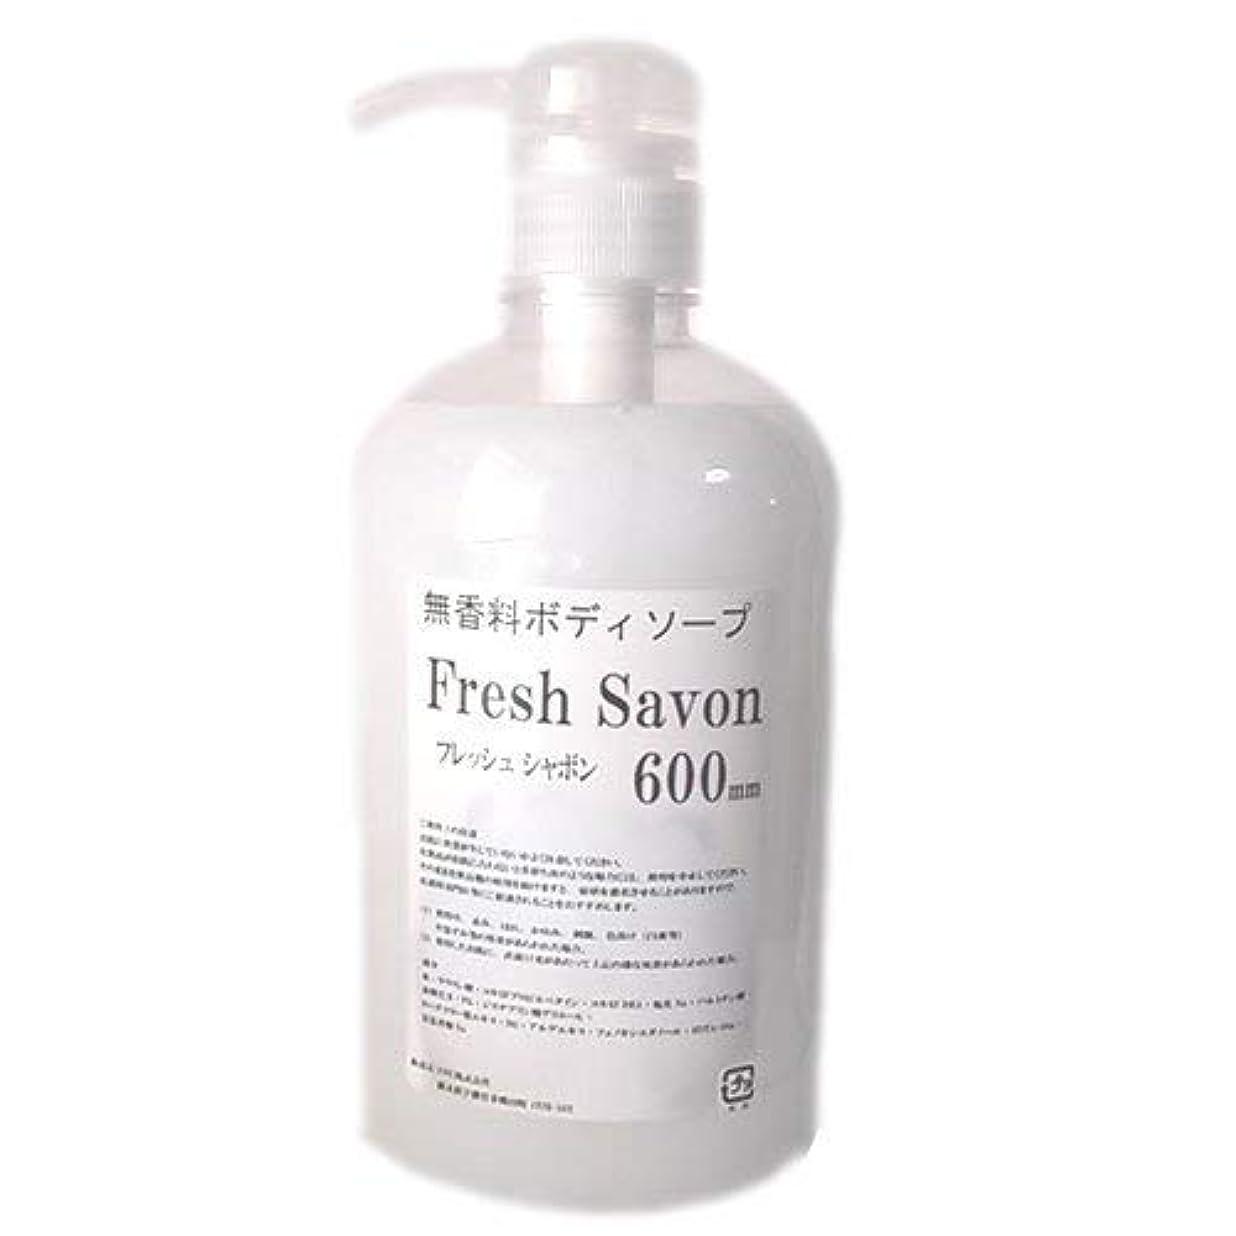 真実に破裂調査業務用 無香料ボディソープ フレッシュシャボン 香りが残らないタイプ (1本)